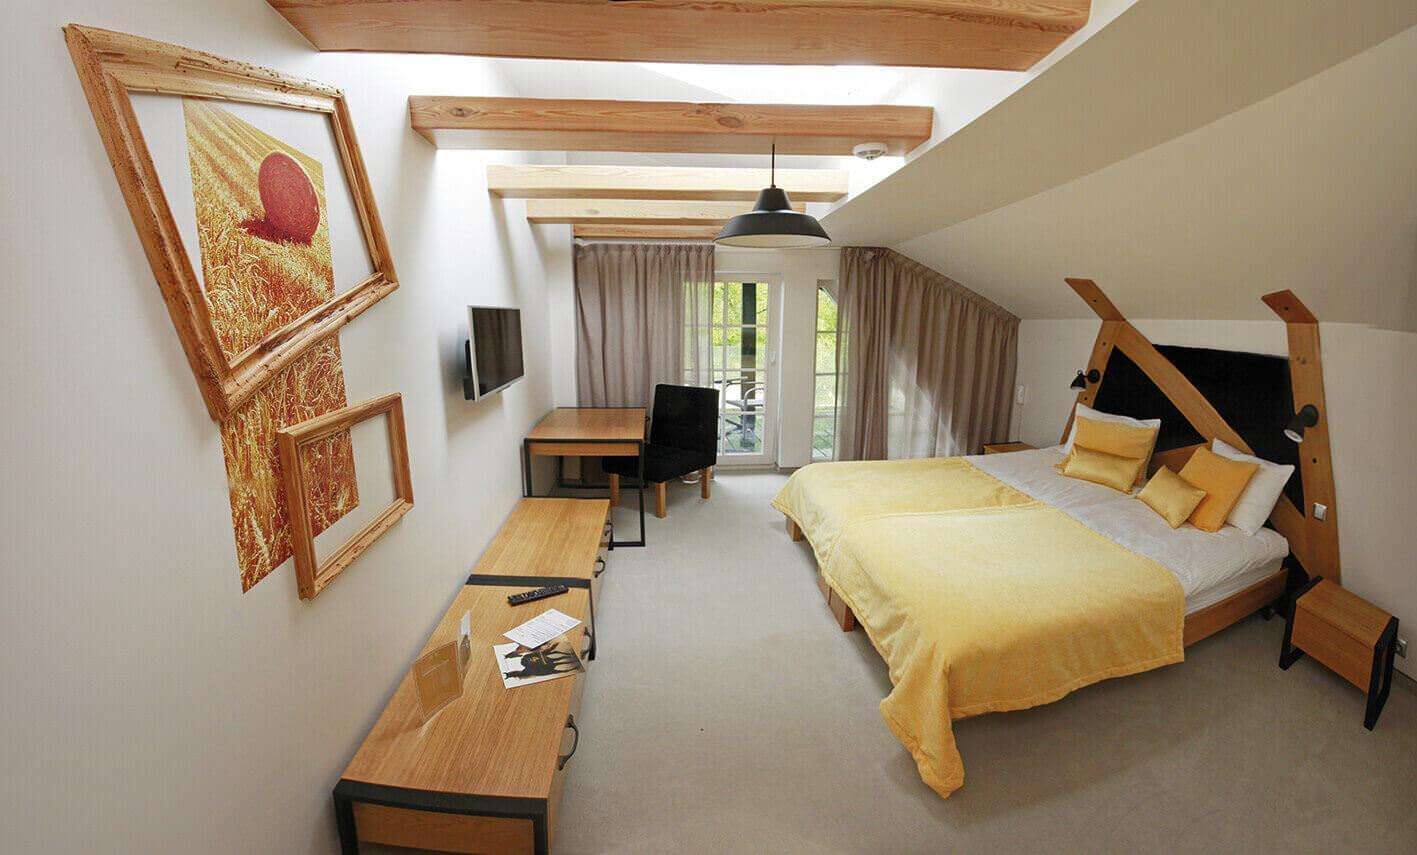 Projekt wnętrza hotelu - pokój hotelowy - Mezowo